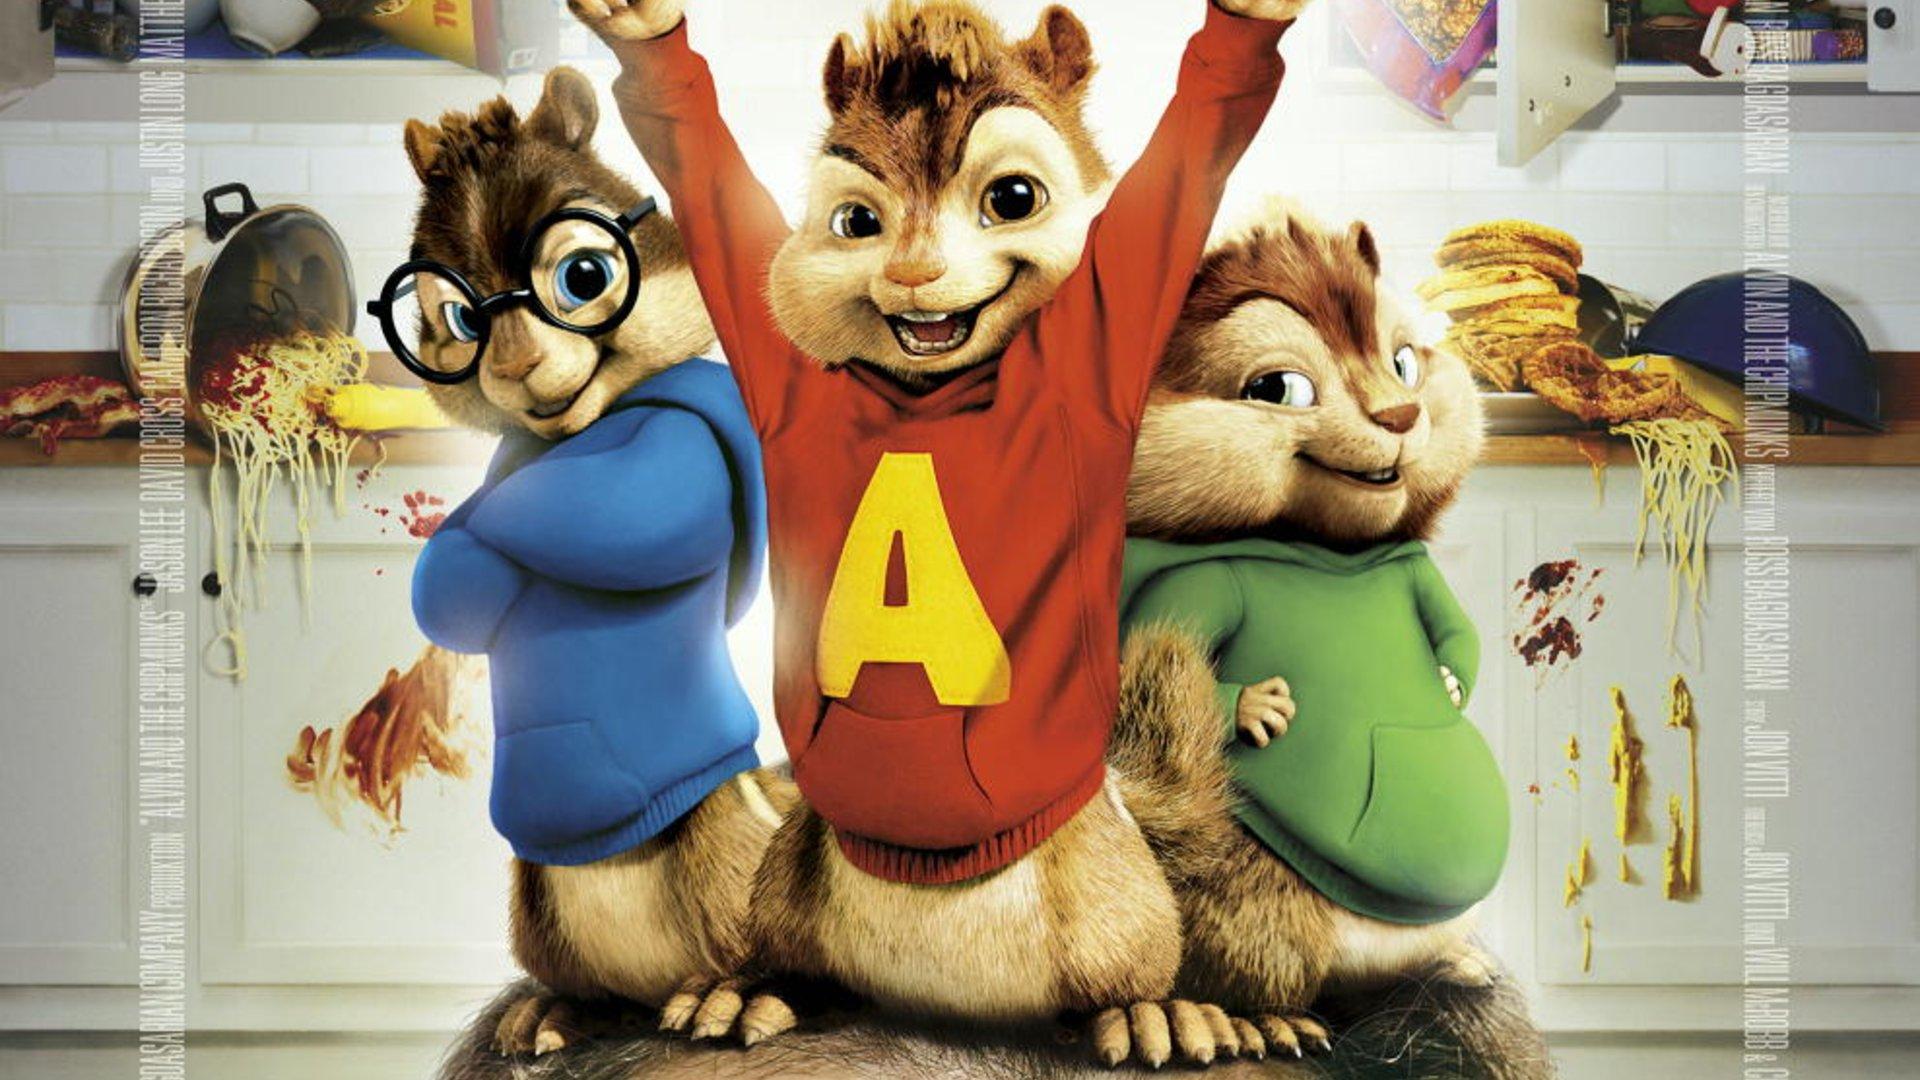 Alvin Und Die Chipmunks Kinox.To